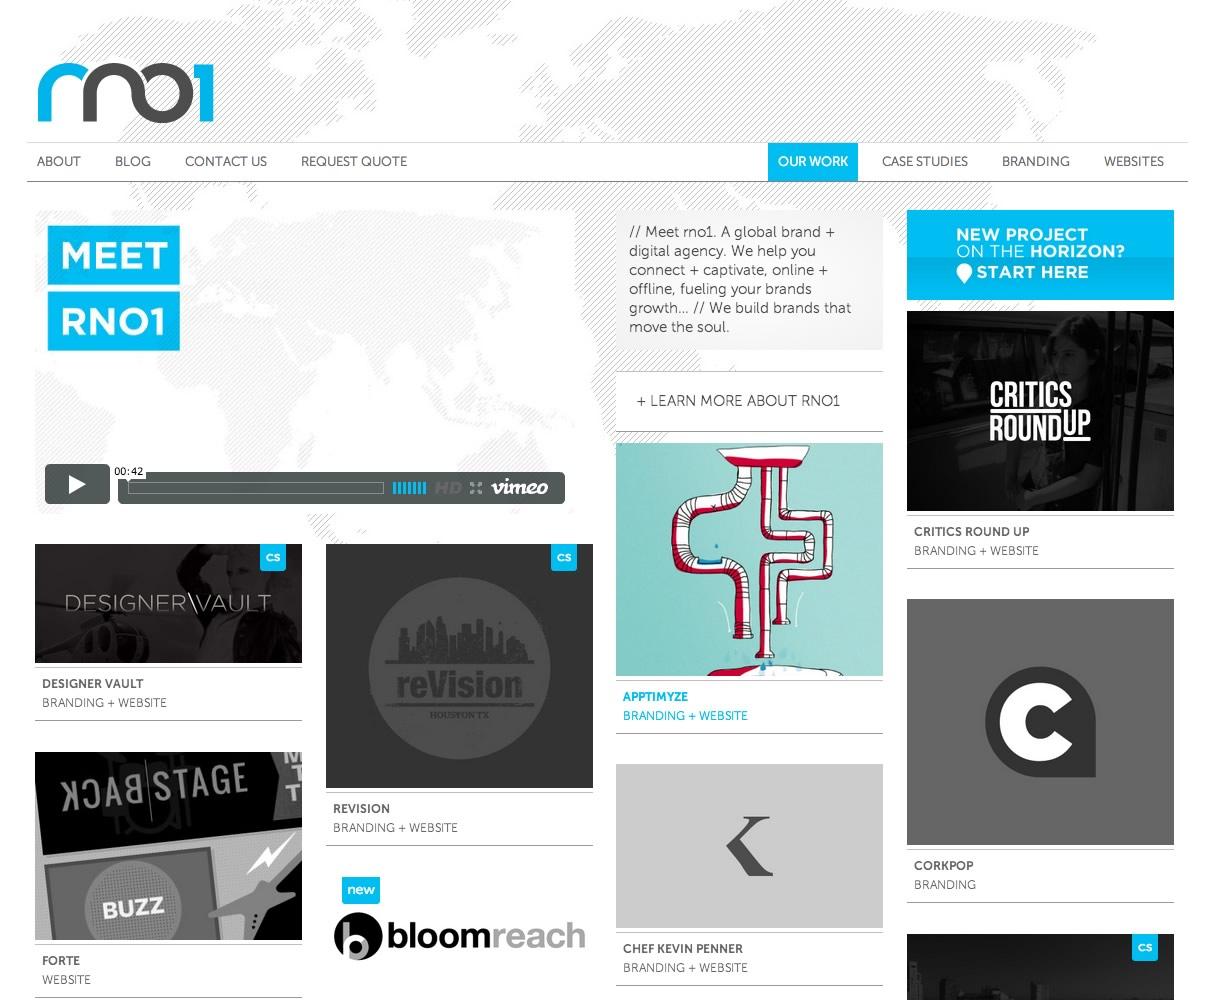 rno1.com